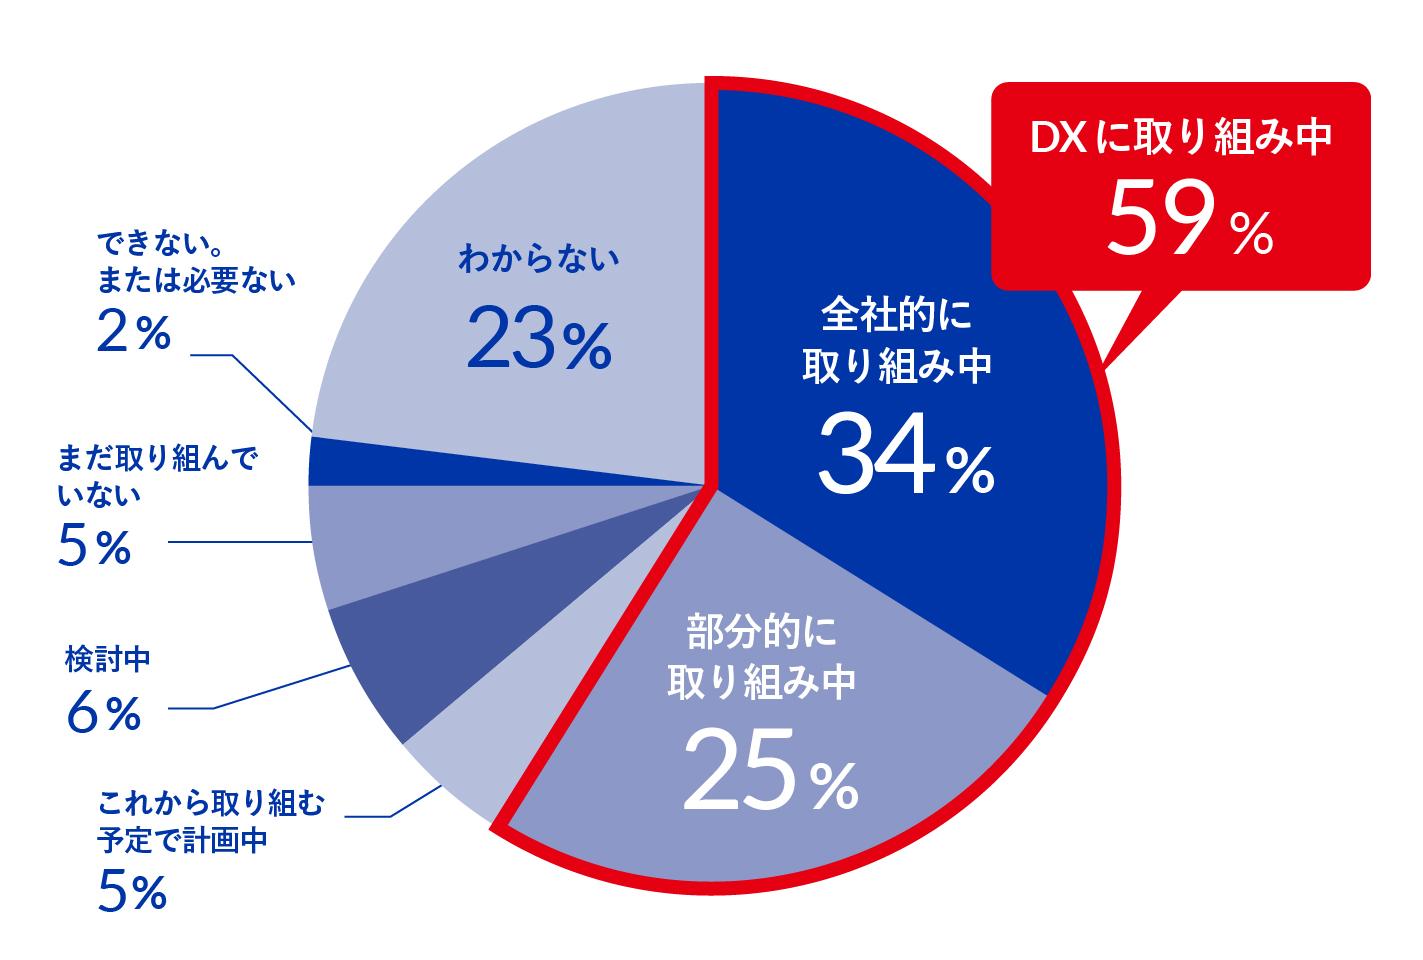 【グラフ①:あなたが勤めている企業では「DX」に取り組んでいますか】